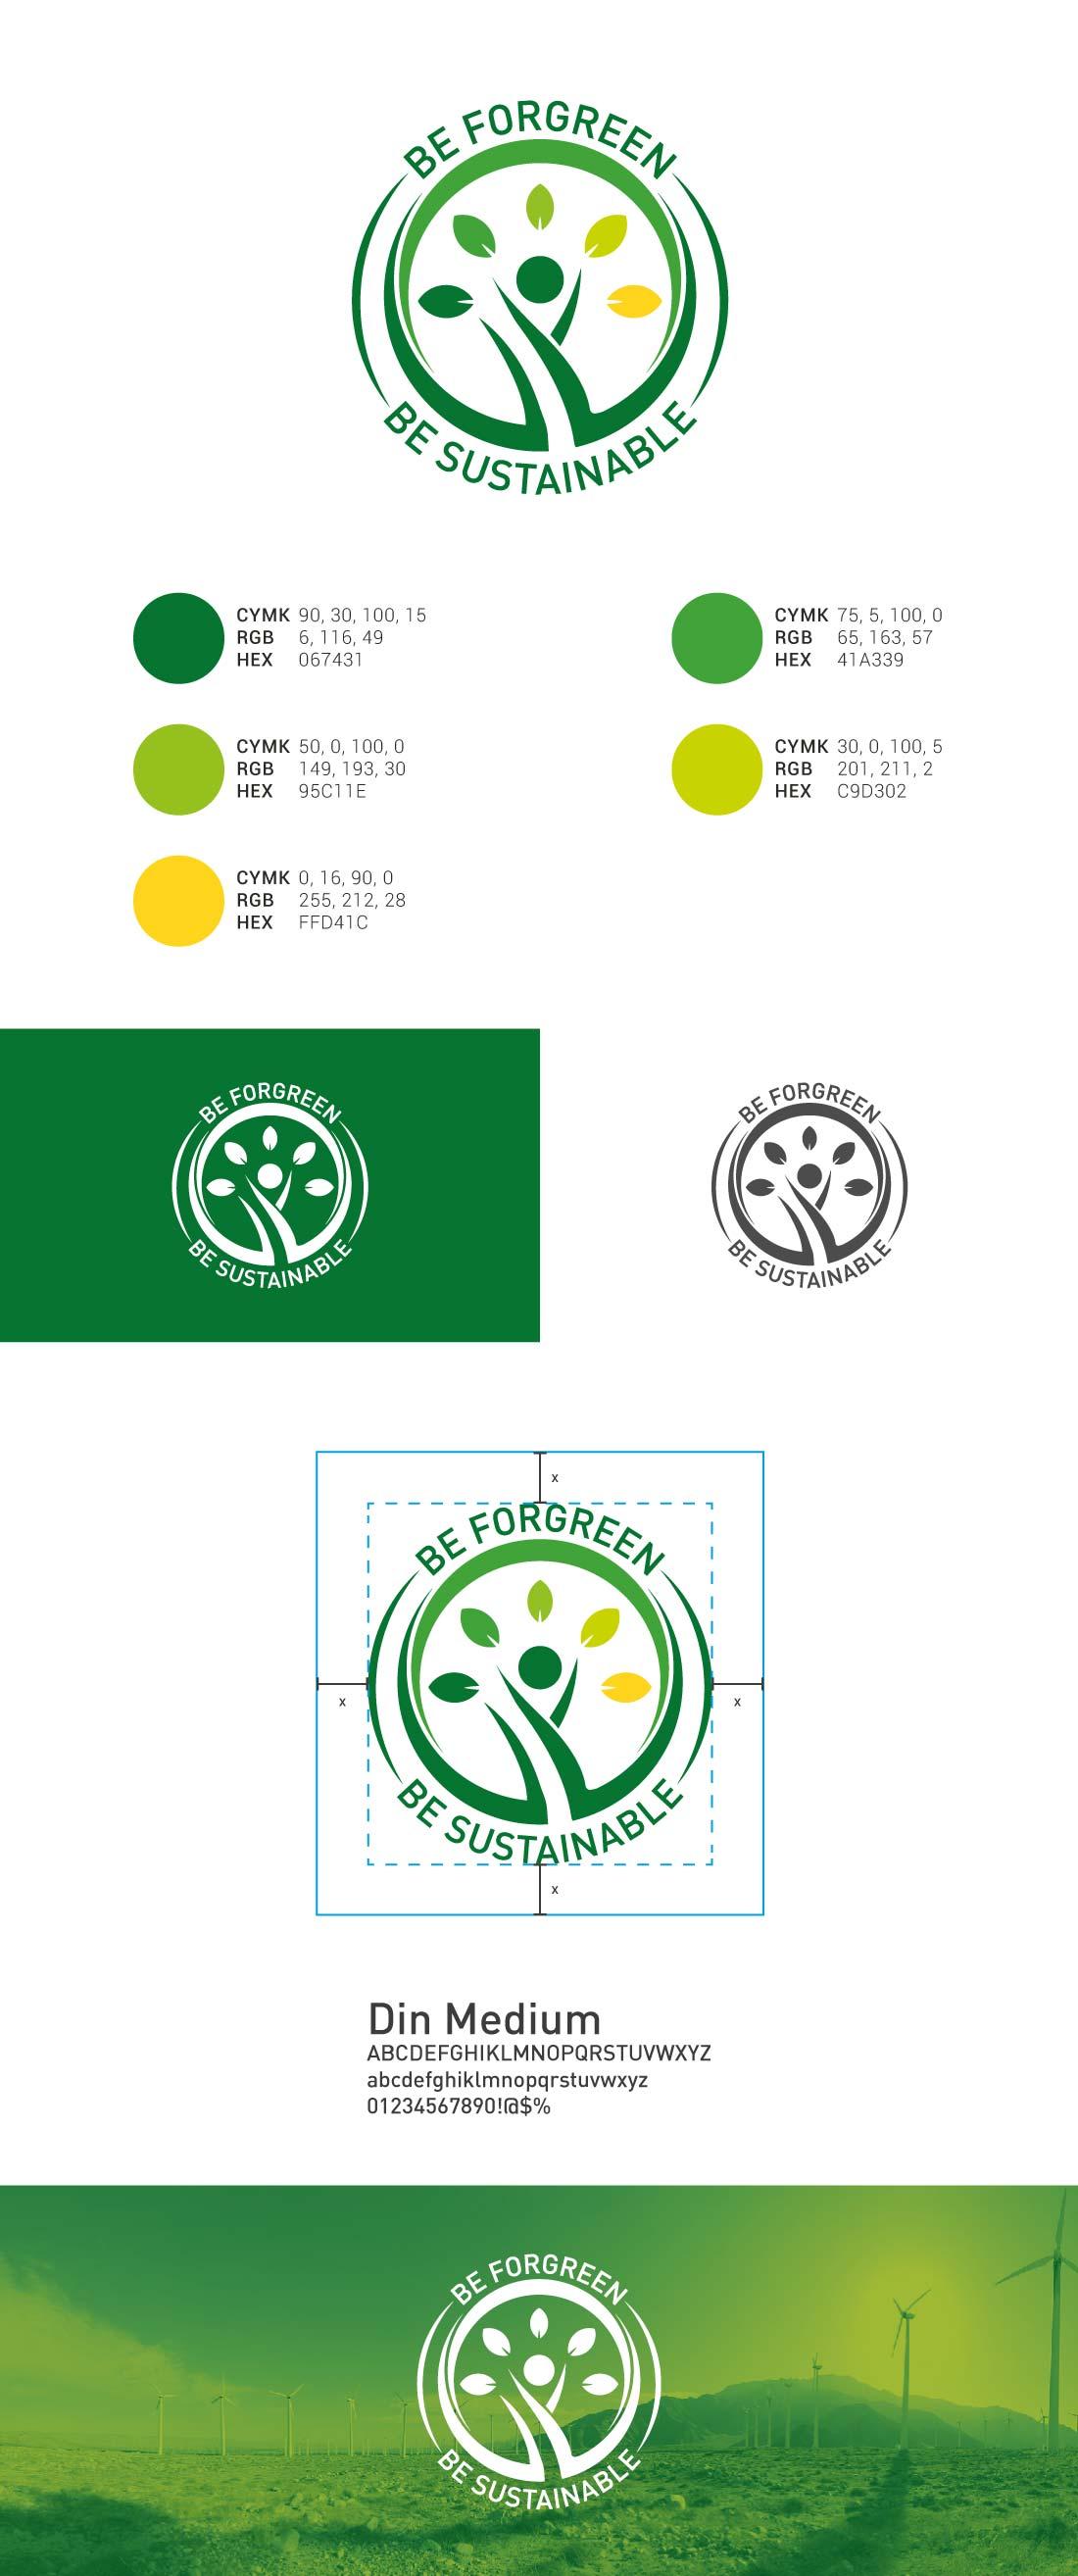 Be Forgreen Presentazione Logo